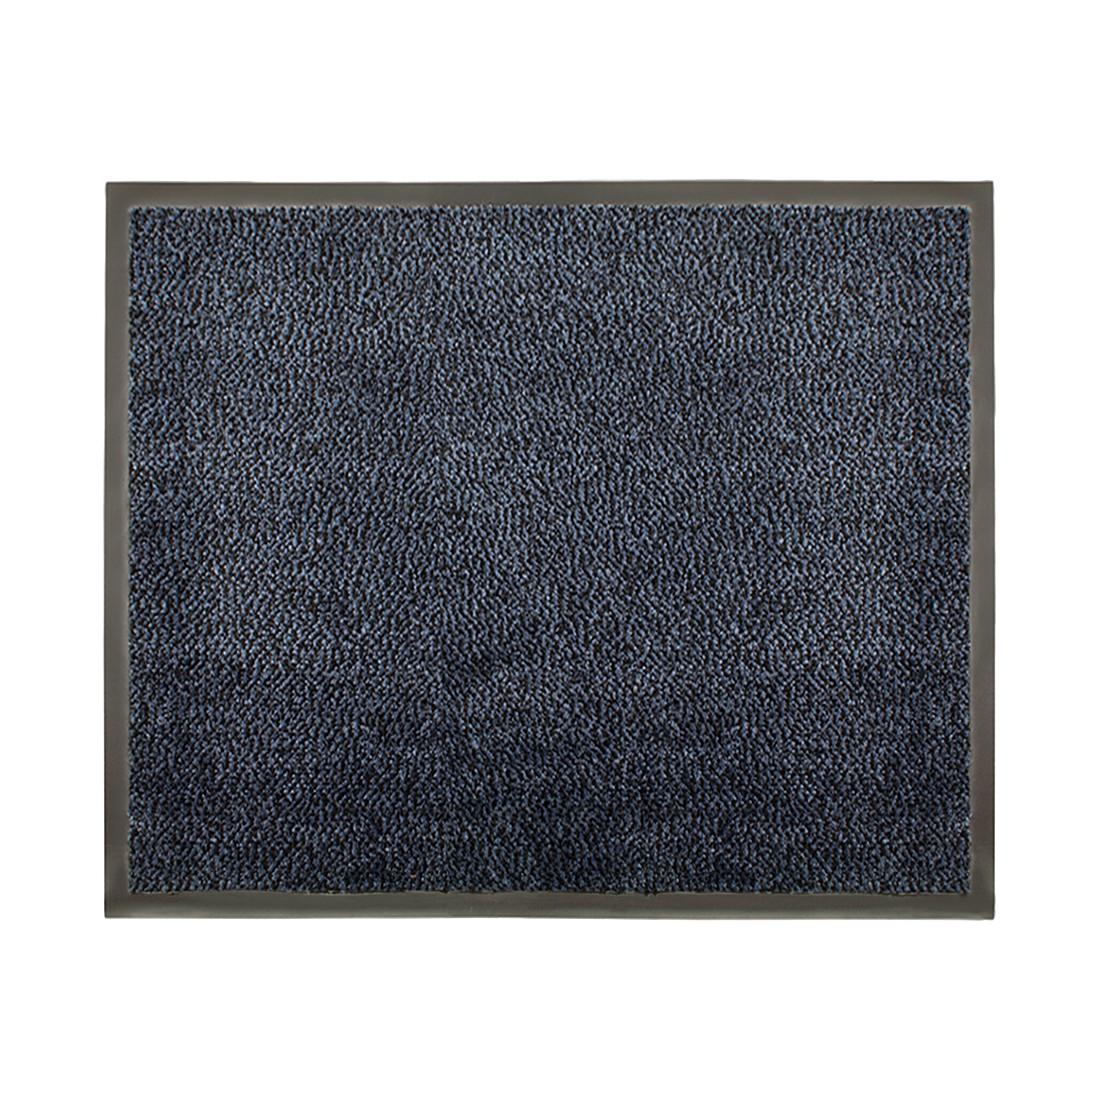 Fußmatte Mars – Blau, Siena Home kaufen